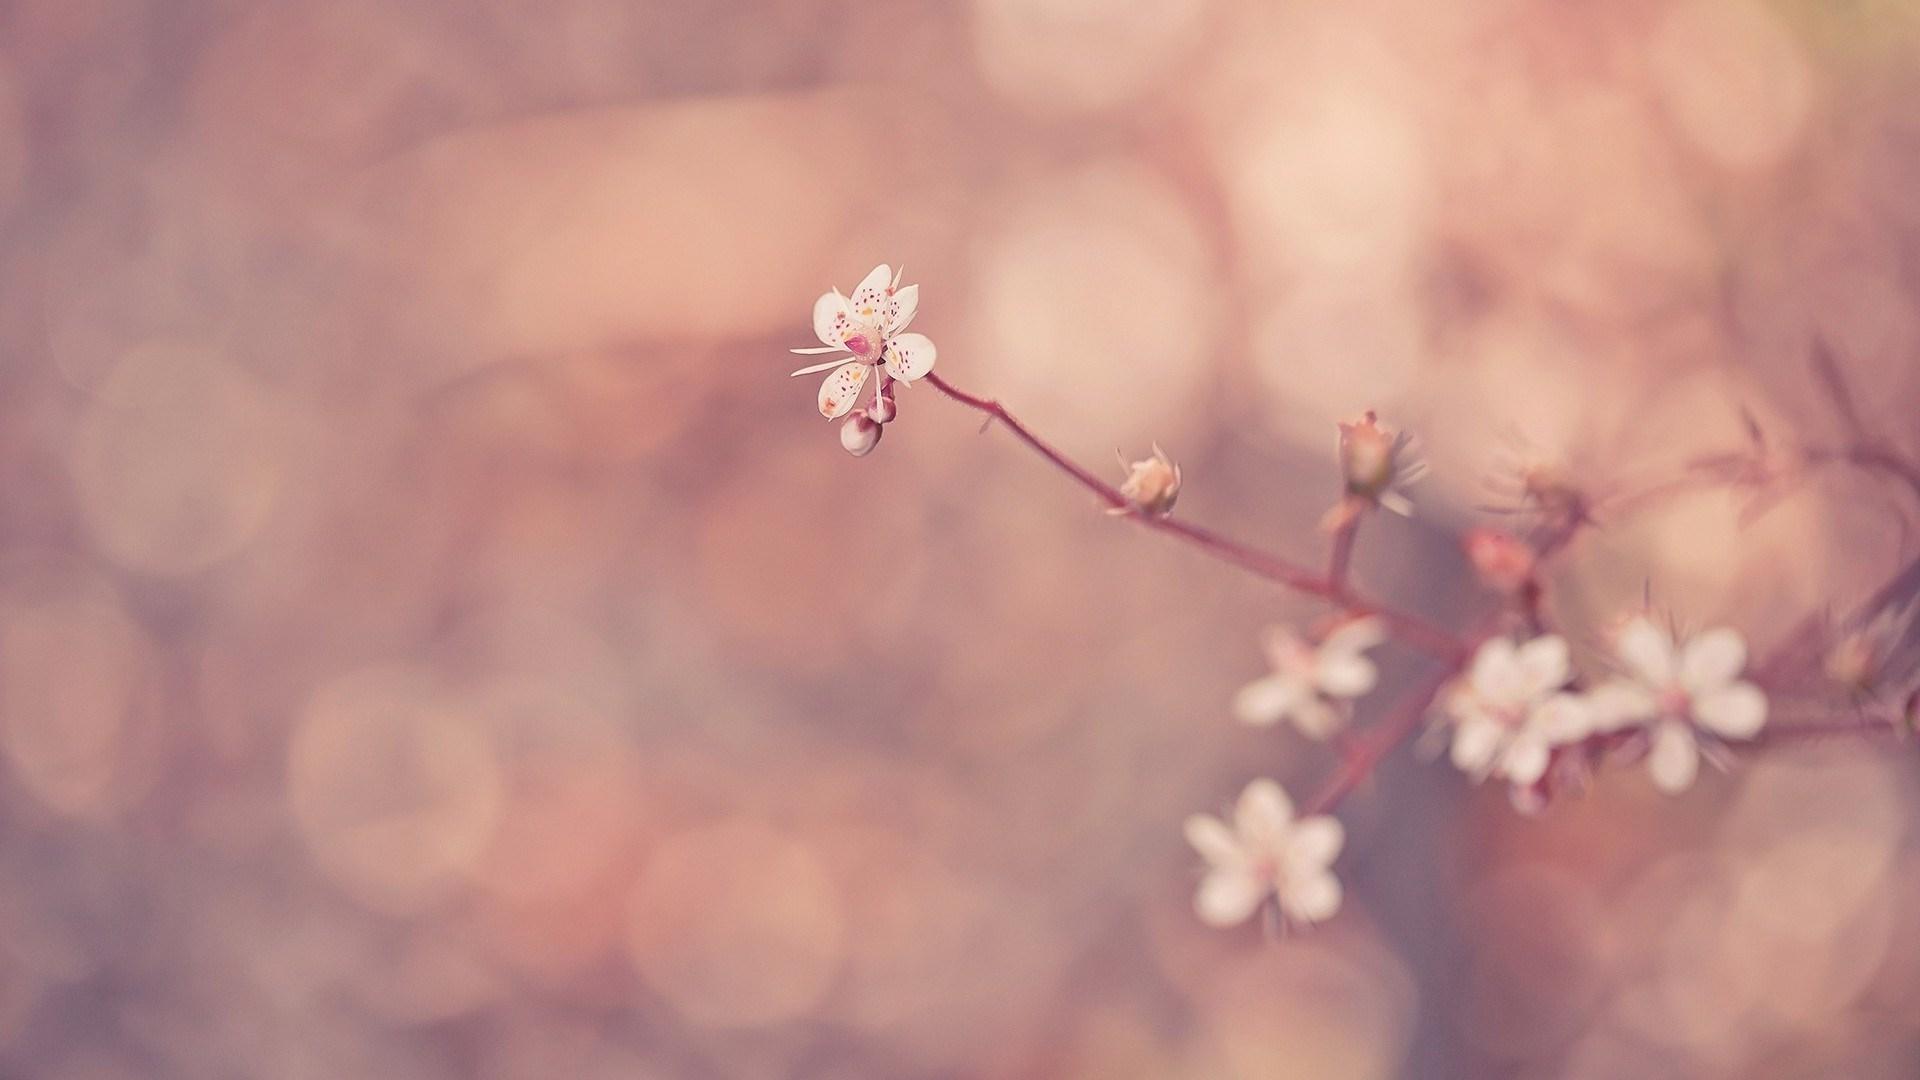 Flower Wallpaper Tumblr   PixelsTalk Net